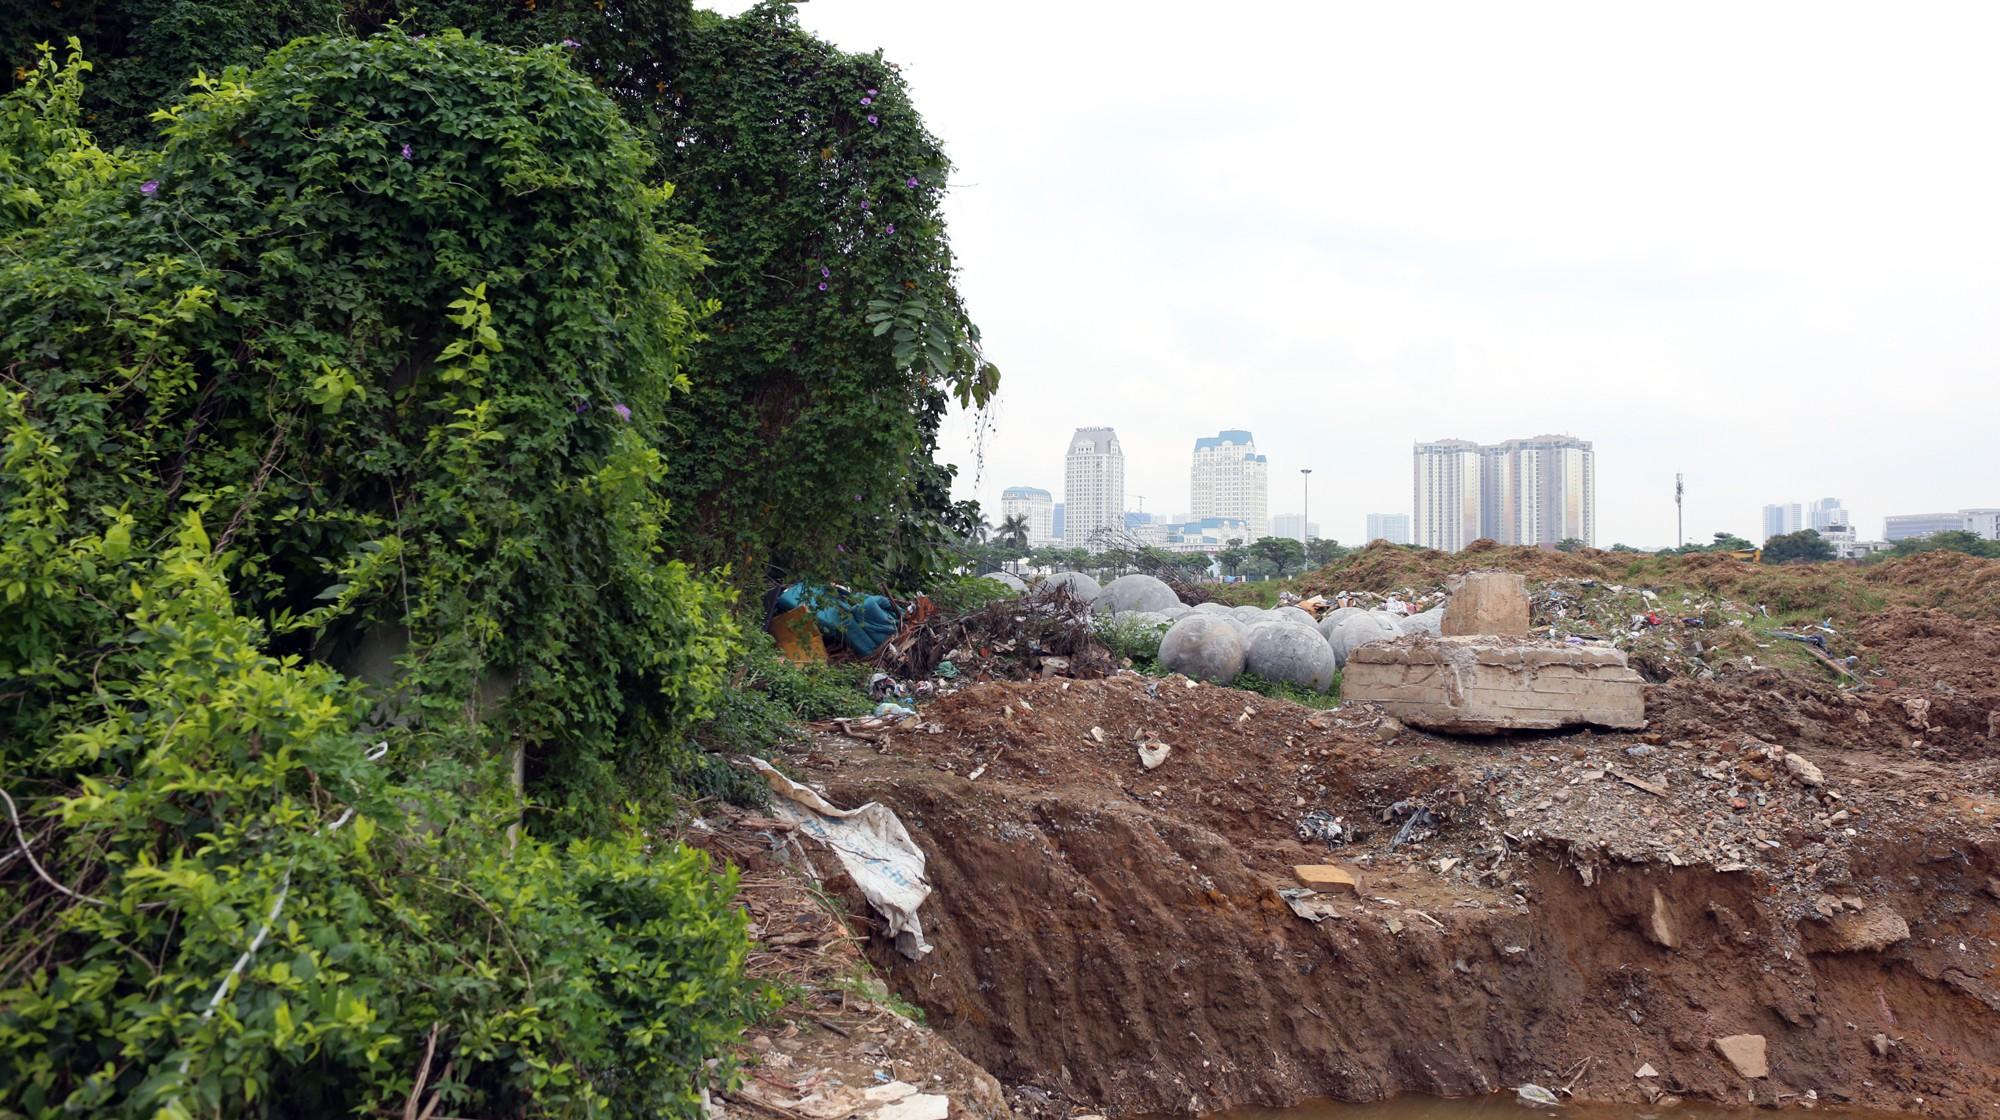 Bóng xích ở sân Mỹ Đình nguy cơ bị chôn trong rác - Ảnh 1.